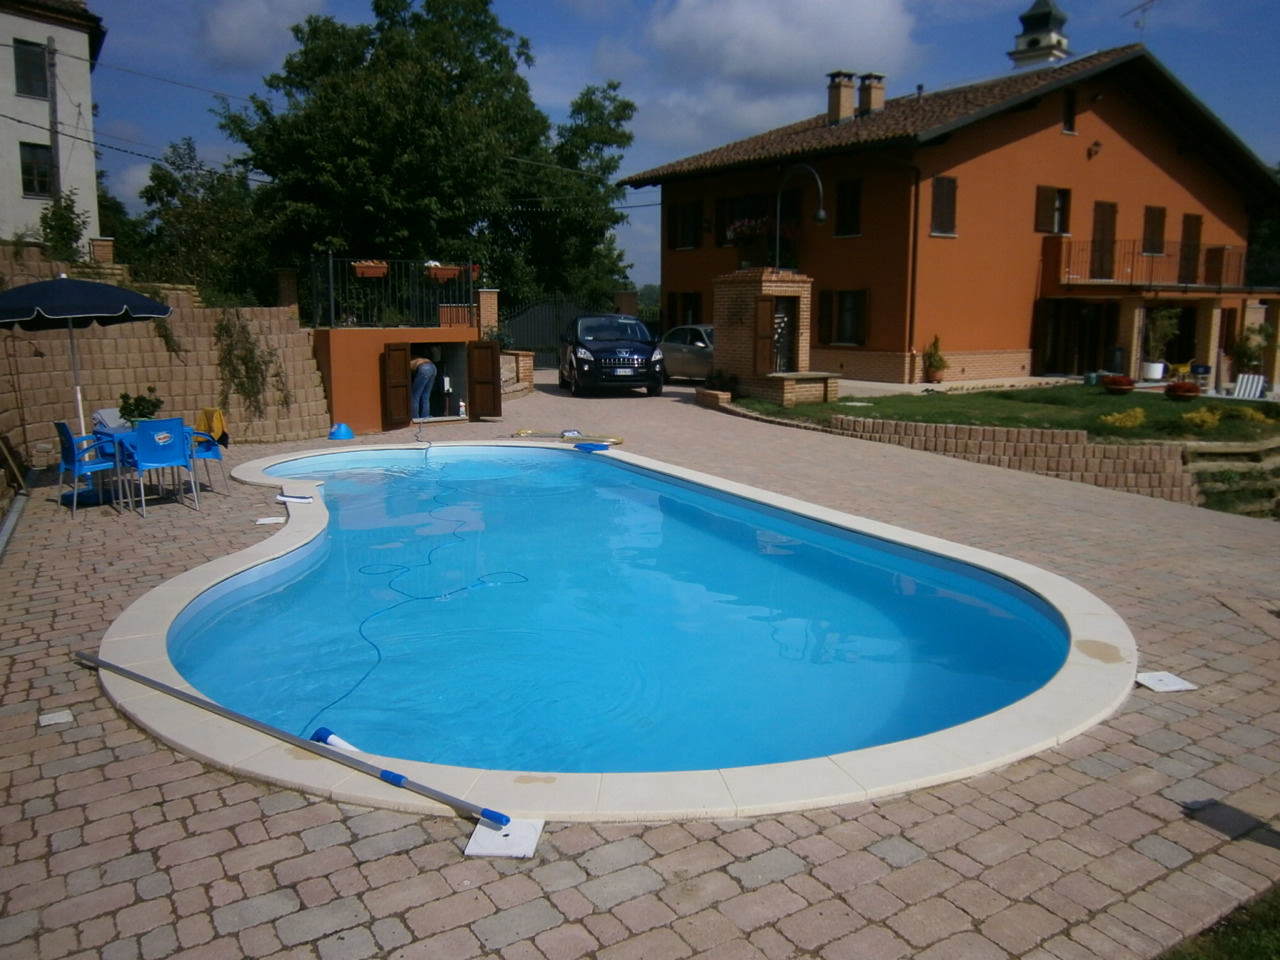 Costruzione piscine idea del concetto di interior design for Design di architettura domestica gratuito